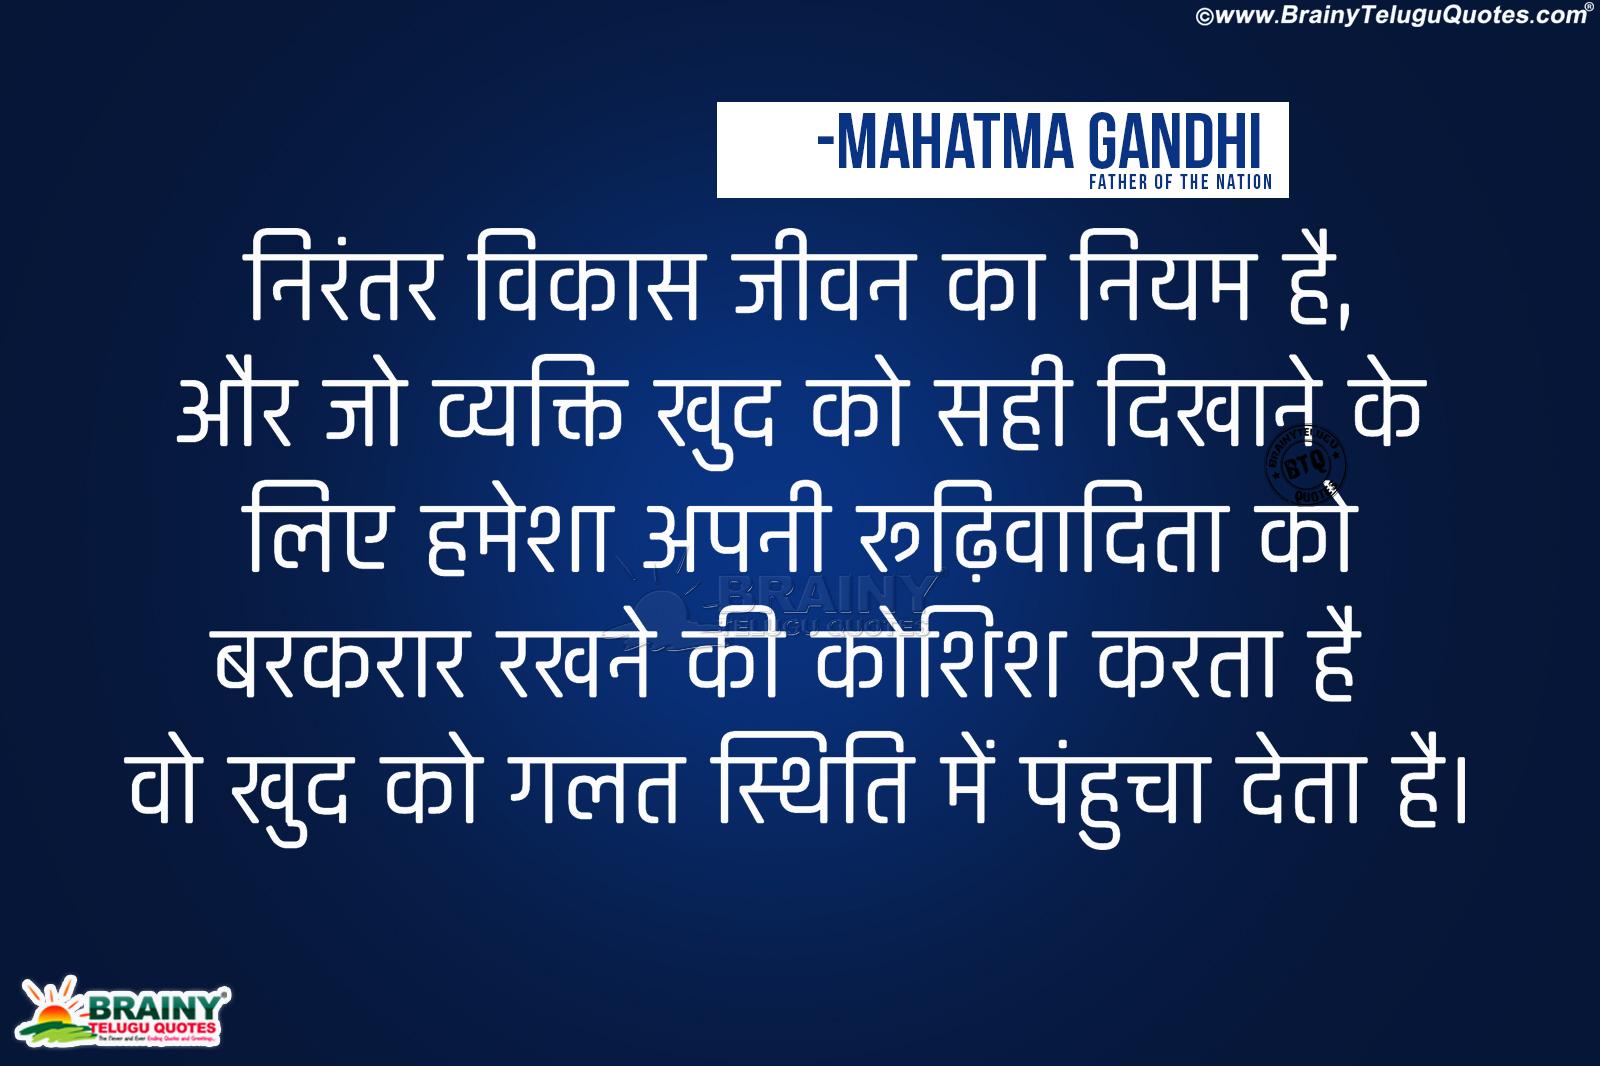 Hindi Mahatma Gandhi Quotes Hindi Mahatma Gandhi Anmol